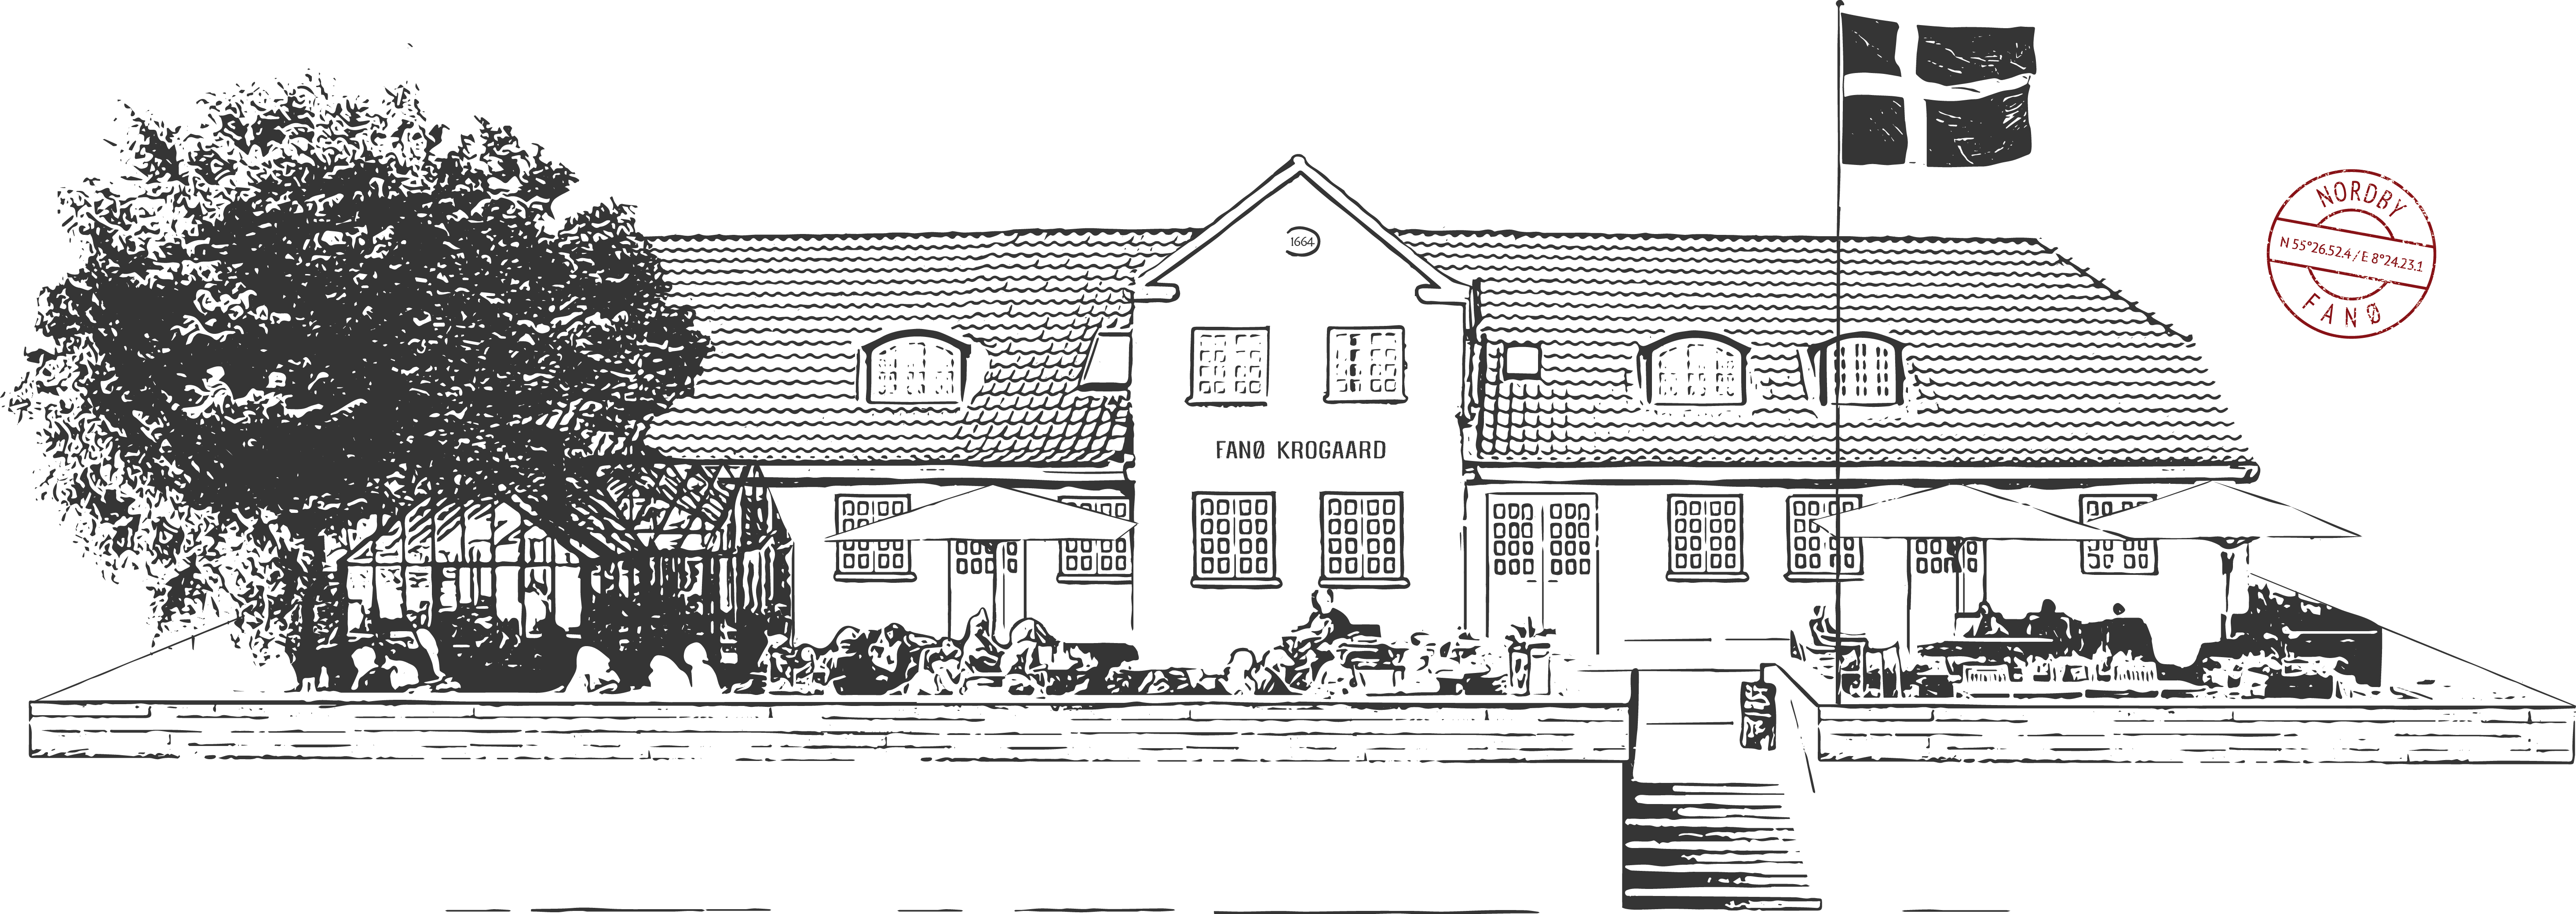 Fanø Krogaards facade